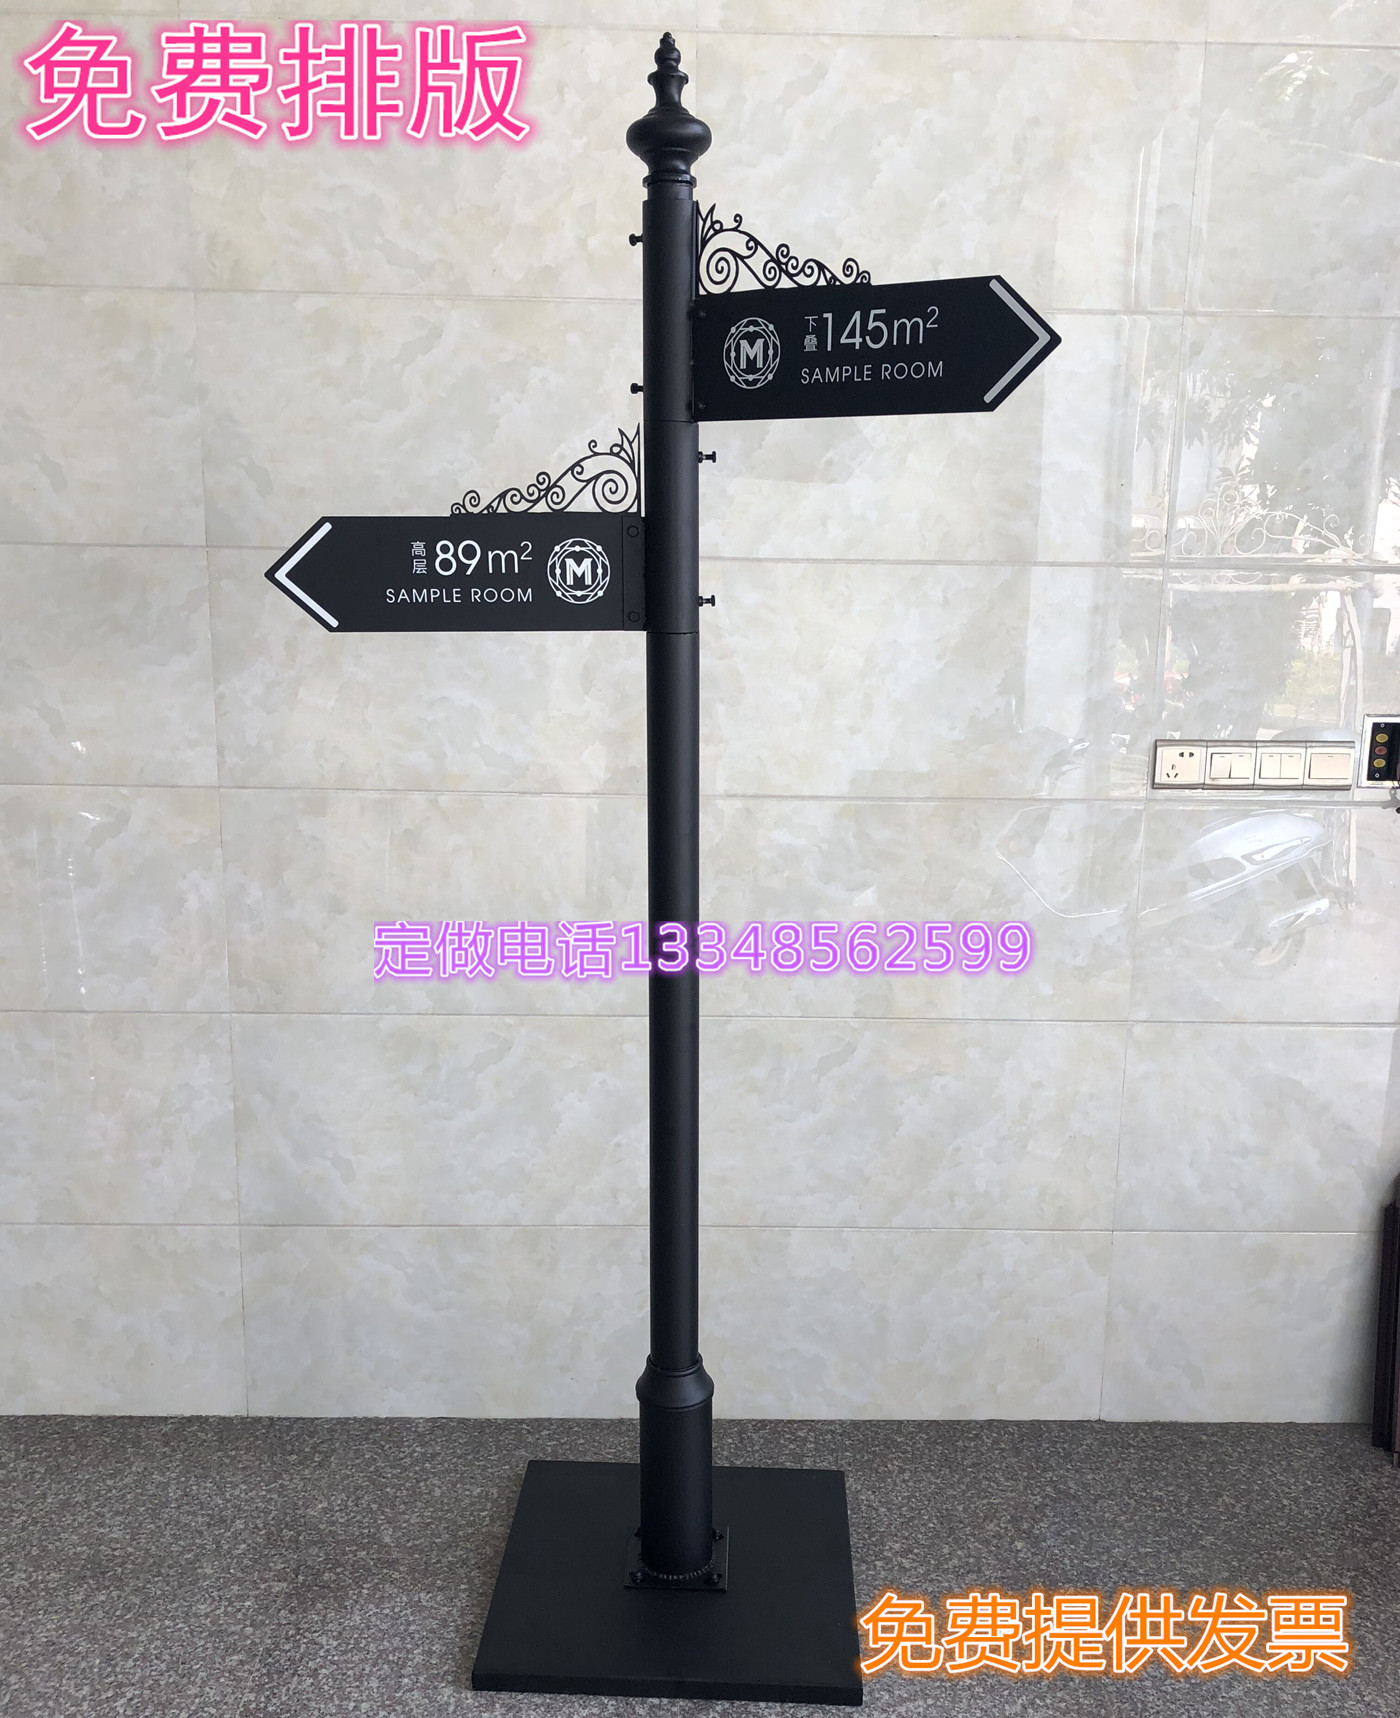 Вертикальный торговый центр стандартный Знать дорожную табличку